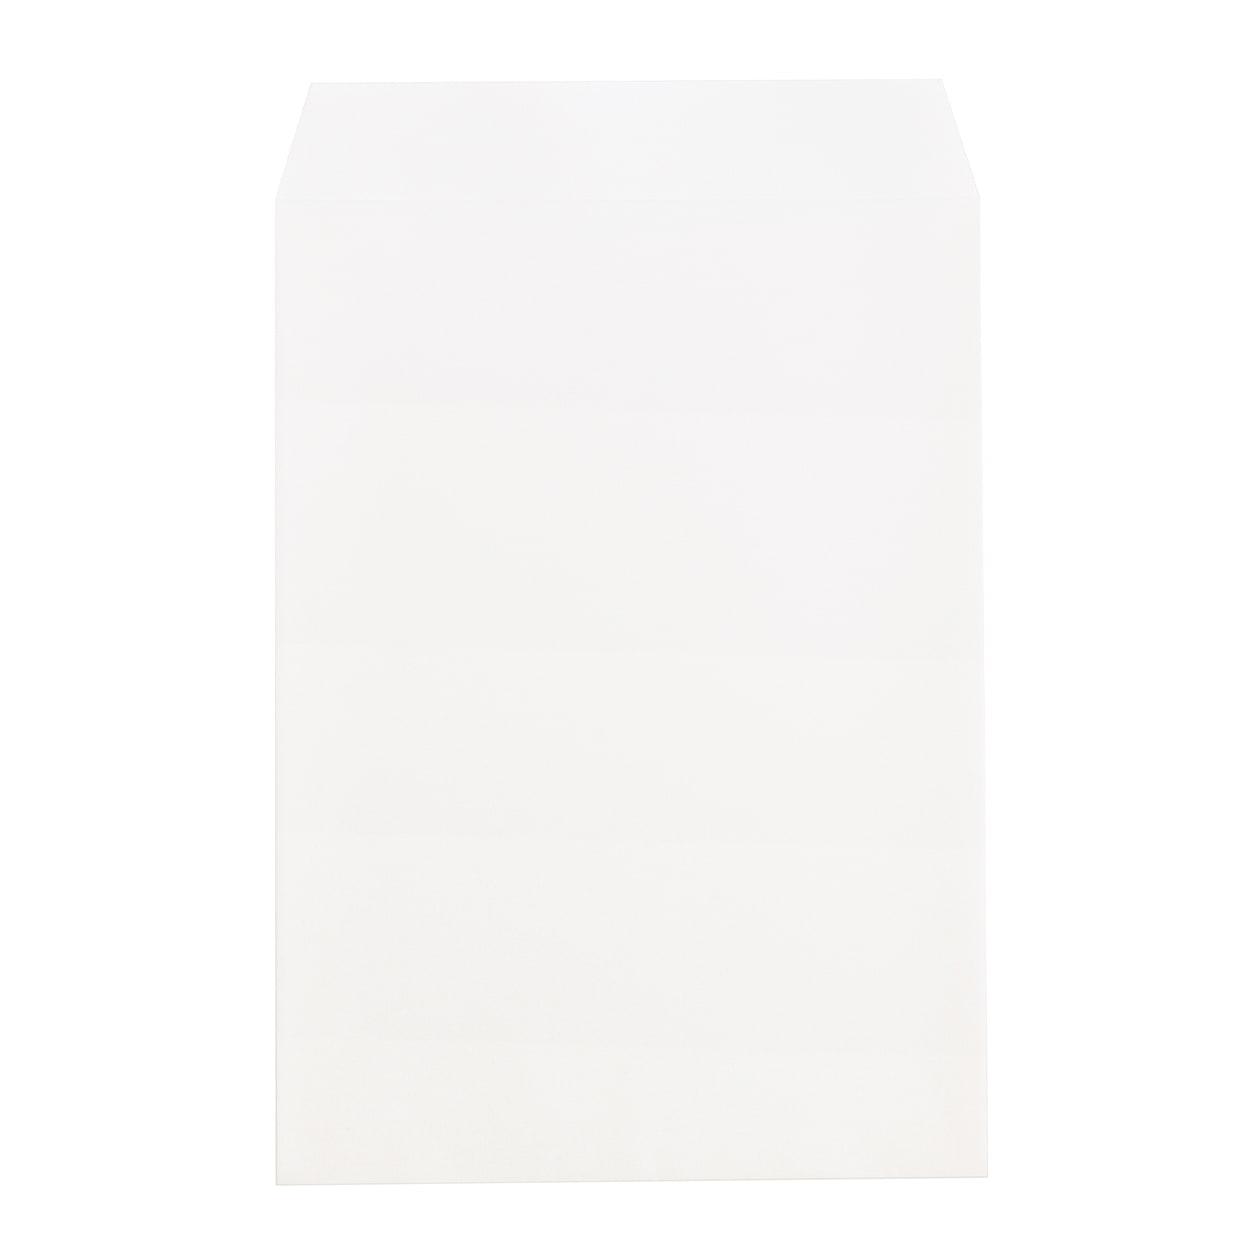 角2封筒 コットン スノーホワイト 116.3g